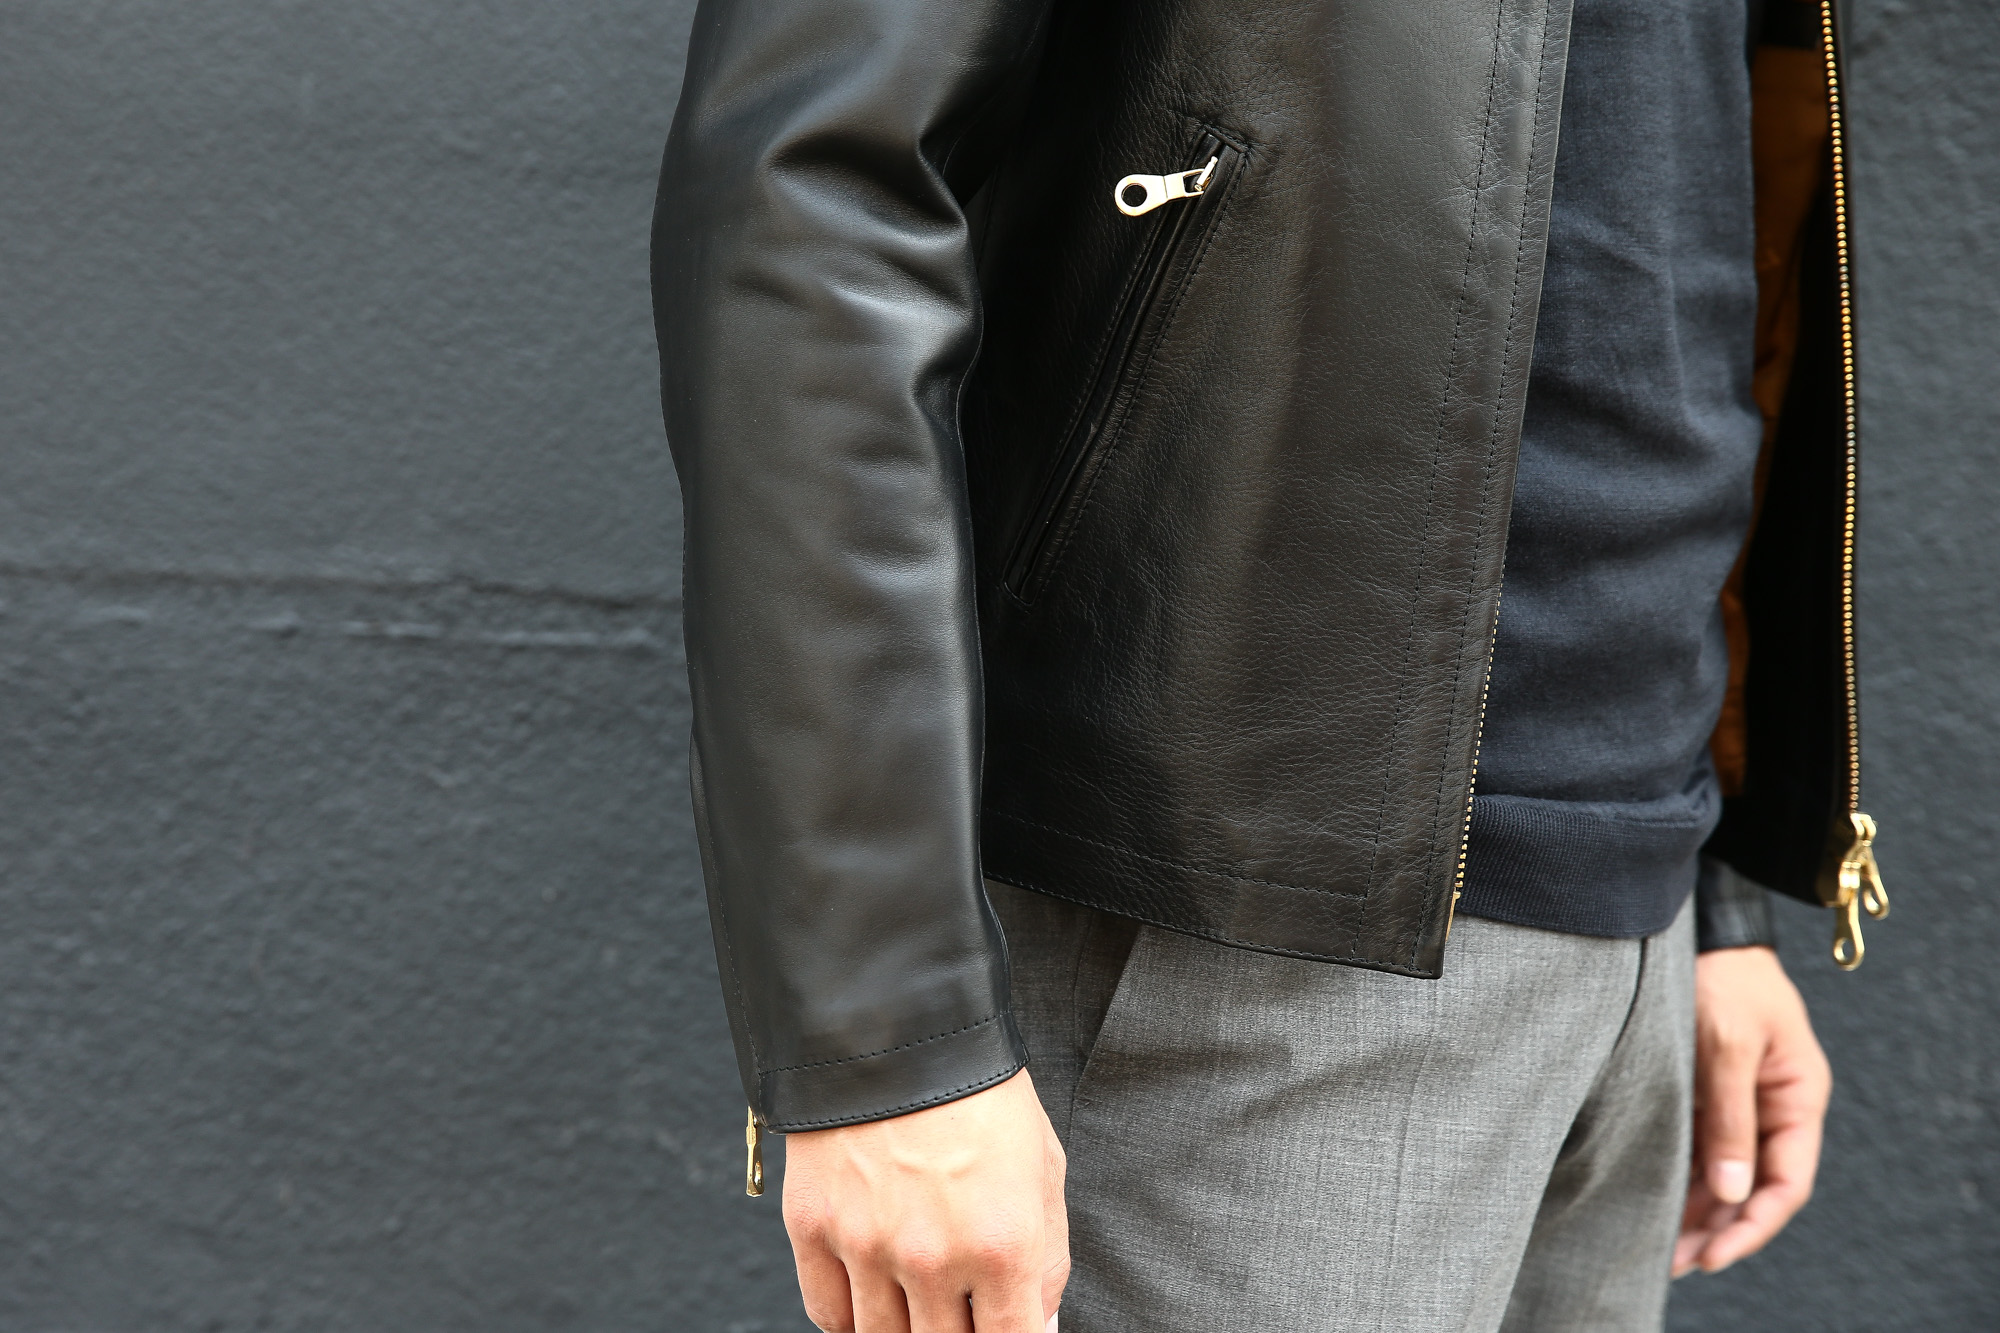 CINQUANTA(チンクアンタ) H502 STAND COLLAR RIDERS CAVALLO (スタンド カラー ジャケット) HORSE LEATHER ホースレザー シングル ライダース ジャケット BLACK (ブラック・999) Made in italy (イタリア製) 2018 秋冬 cinquanta チンクアンタ レザージャケット 愛知 名古屋 ZODIAC ゾディアック